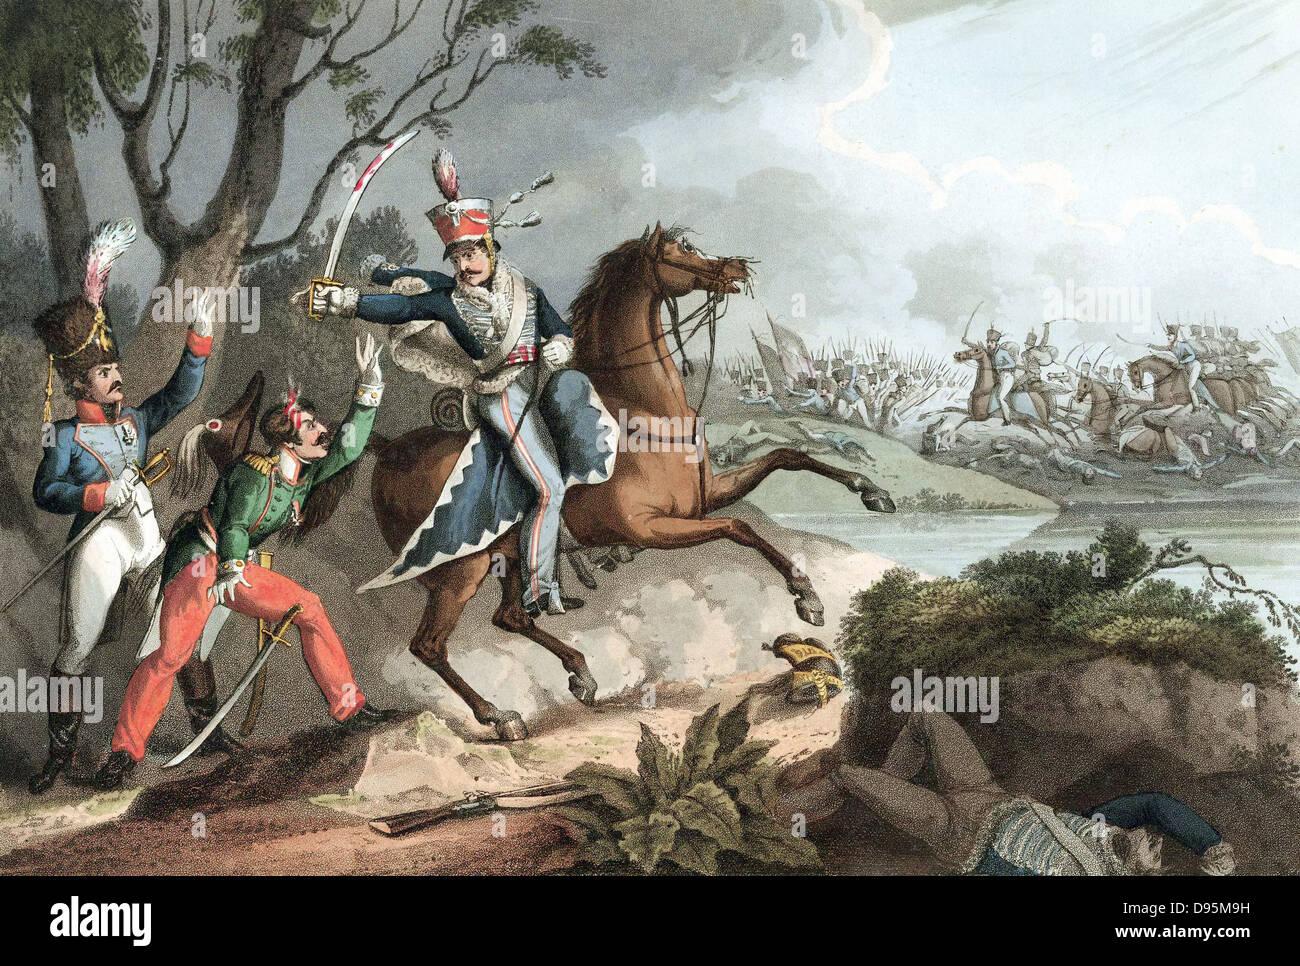 Las guerras napoleónicas: la batalla de la Albuera el 16 de mayo de 1811, Beresford derrotas Soult. El sargento de la 18th Hussars (Británico) toma oficiales franceses prisioneros. Aguatinta pintado a mano después de W Heath, 1817. Foto de stock